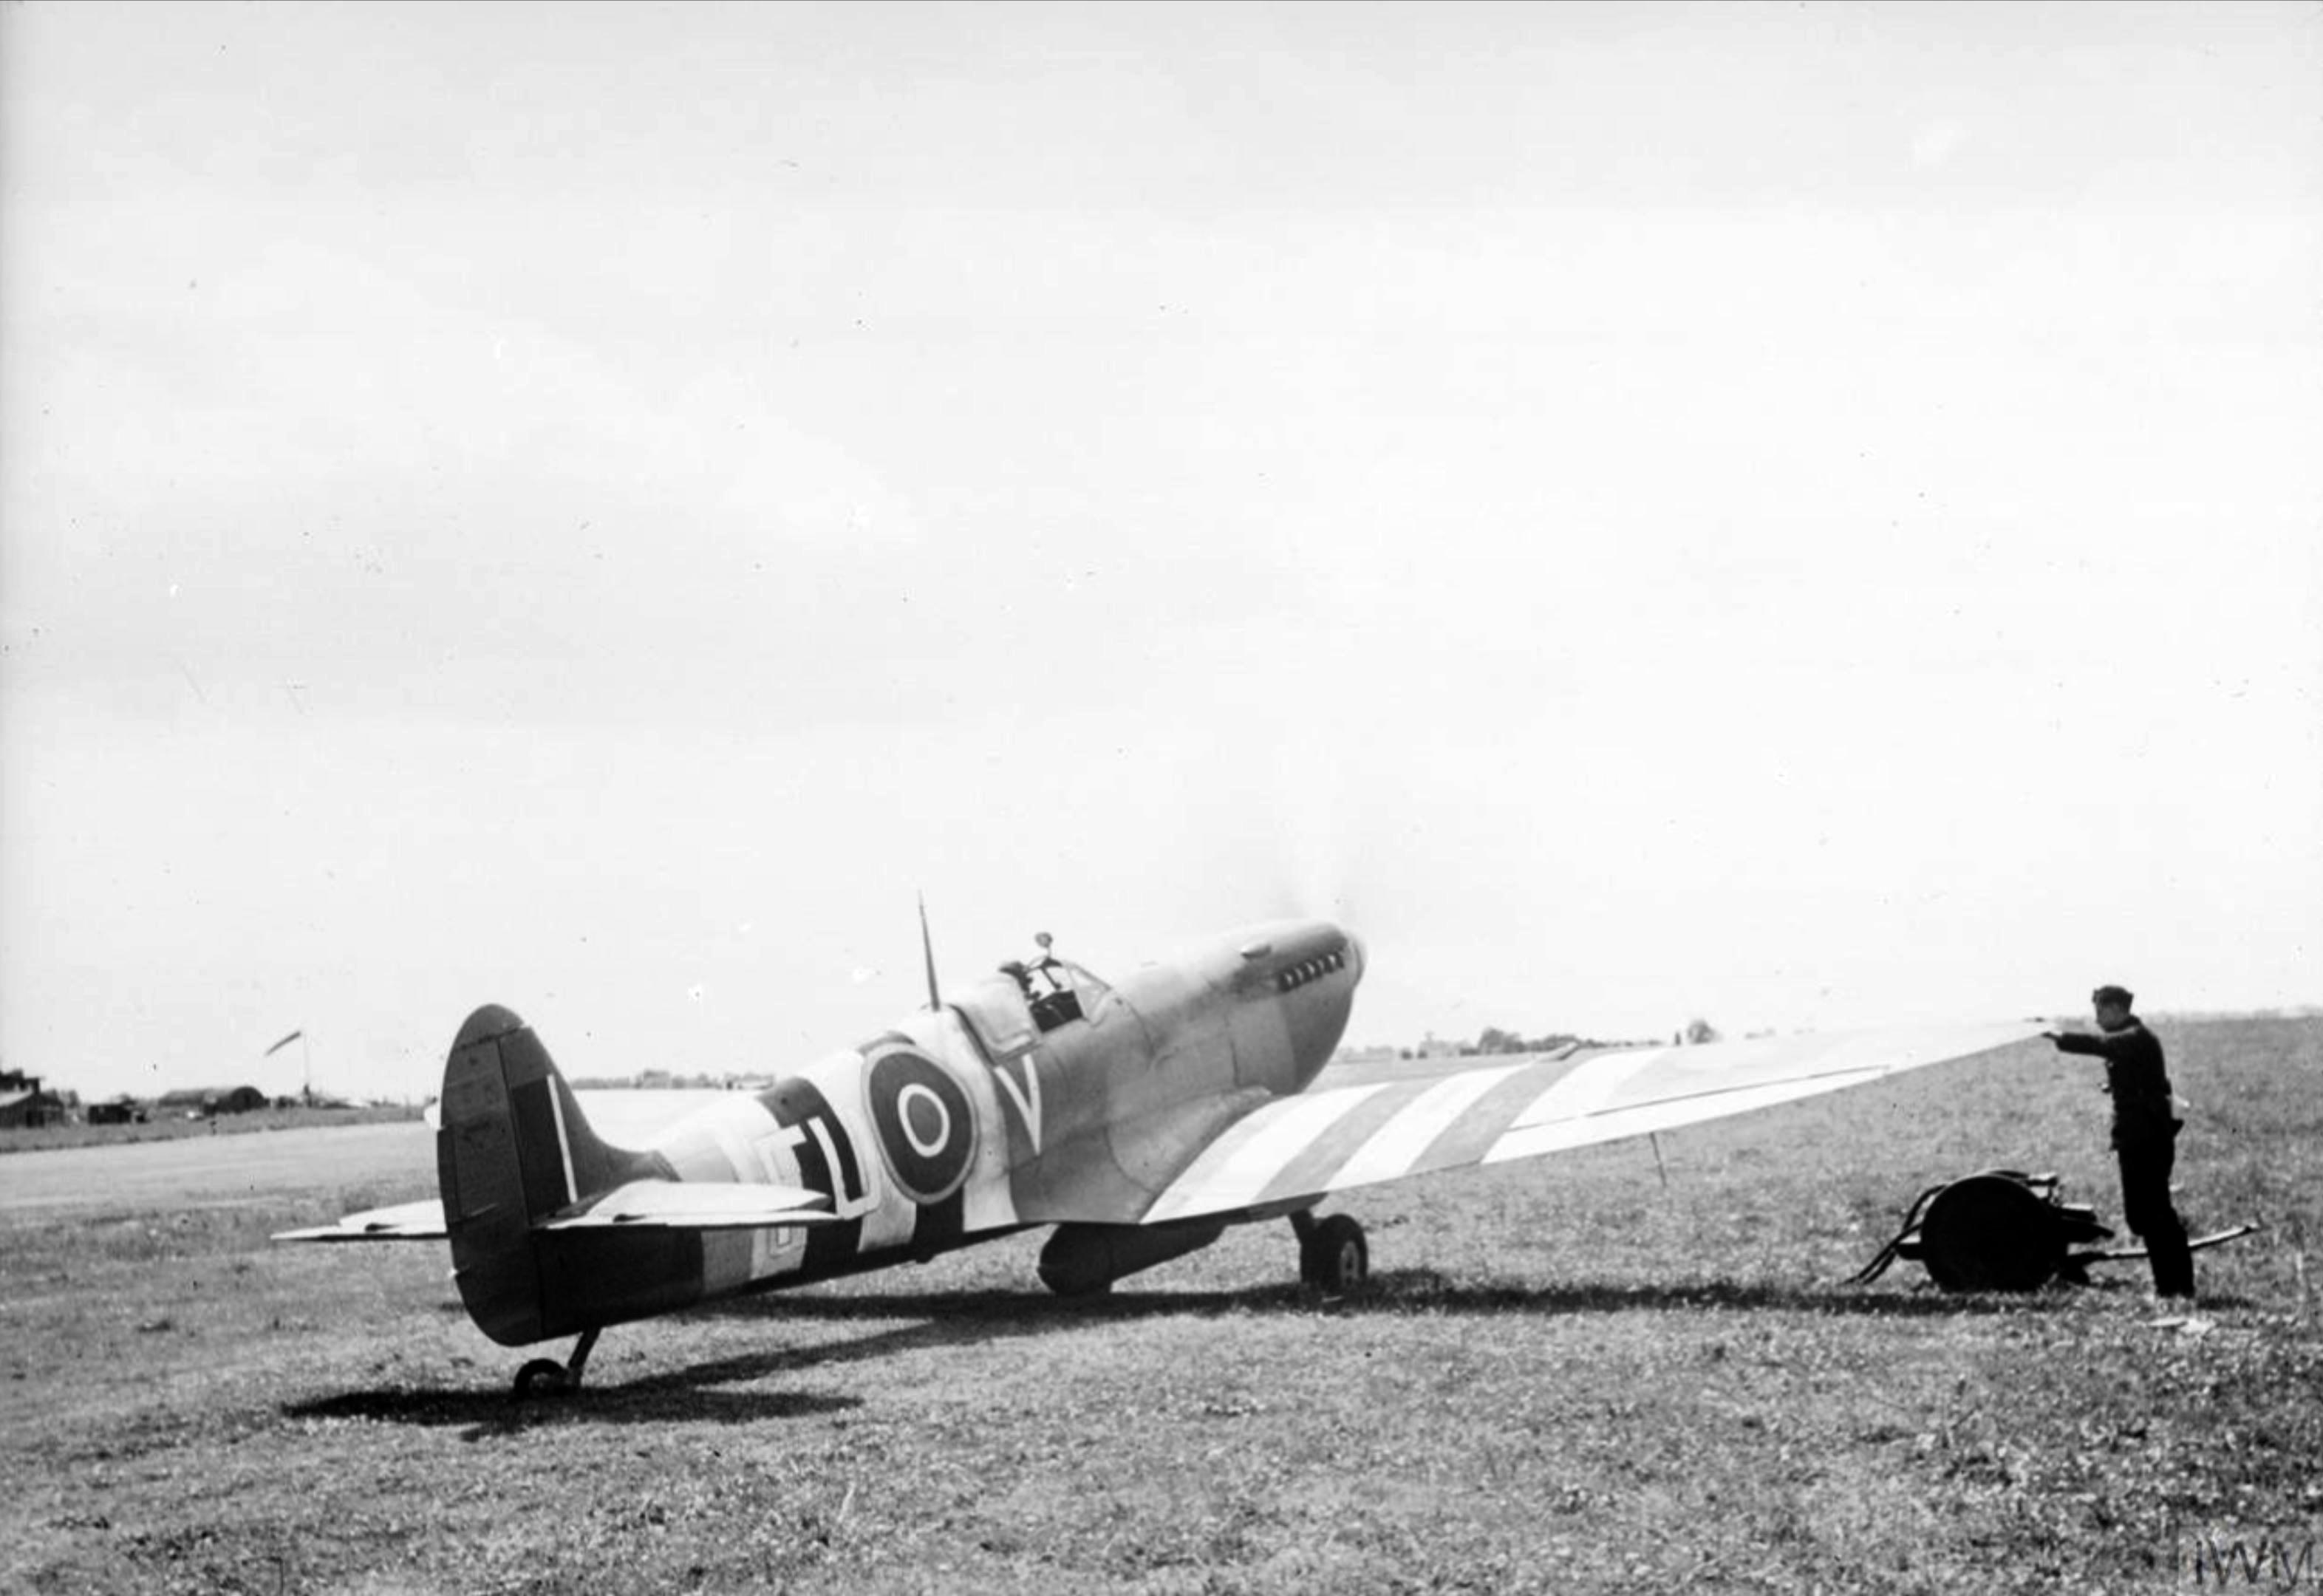 Spitfire MkIX RAAF 453Sqn FUV at Ford Sussex IWM HU92144